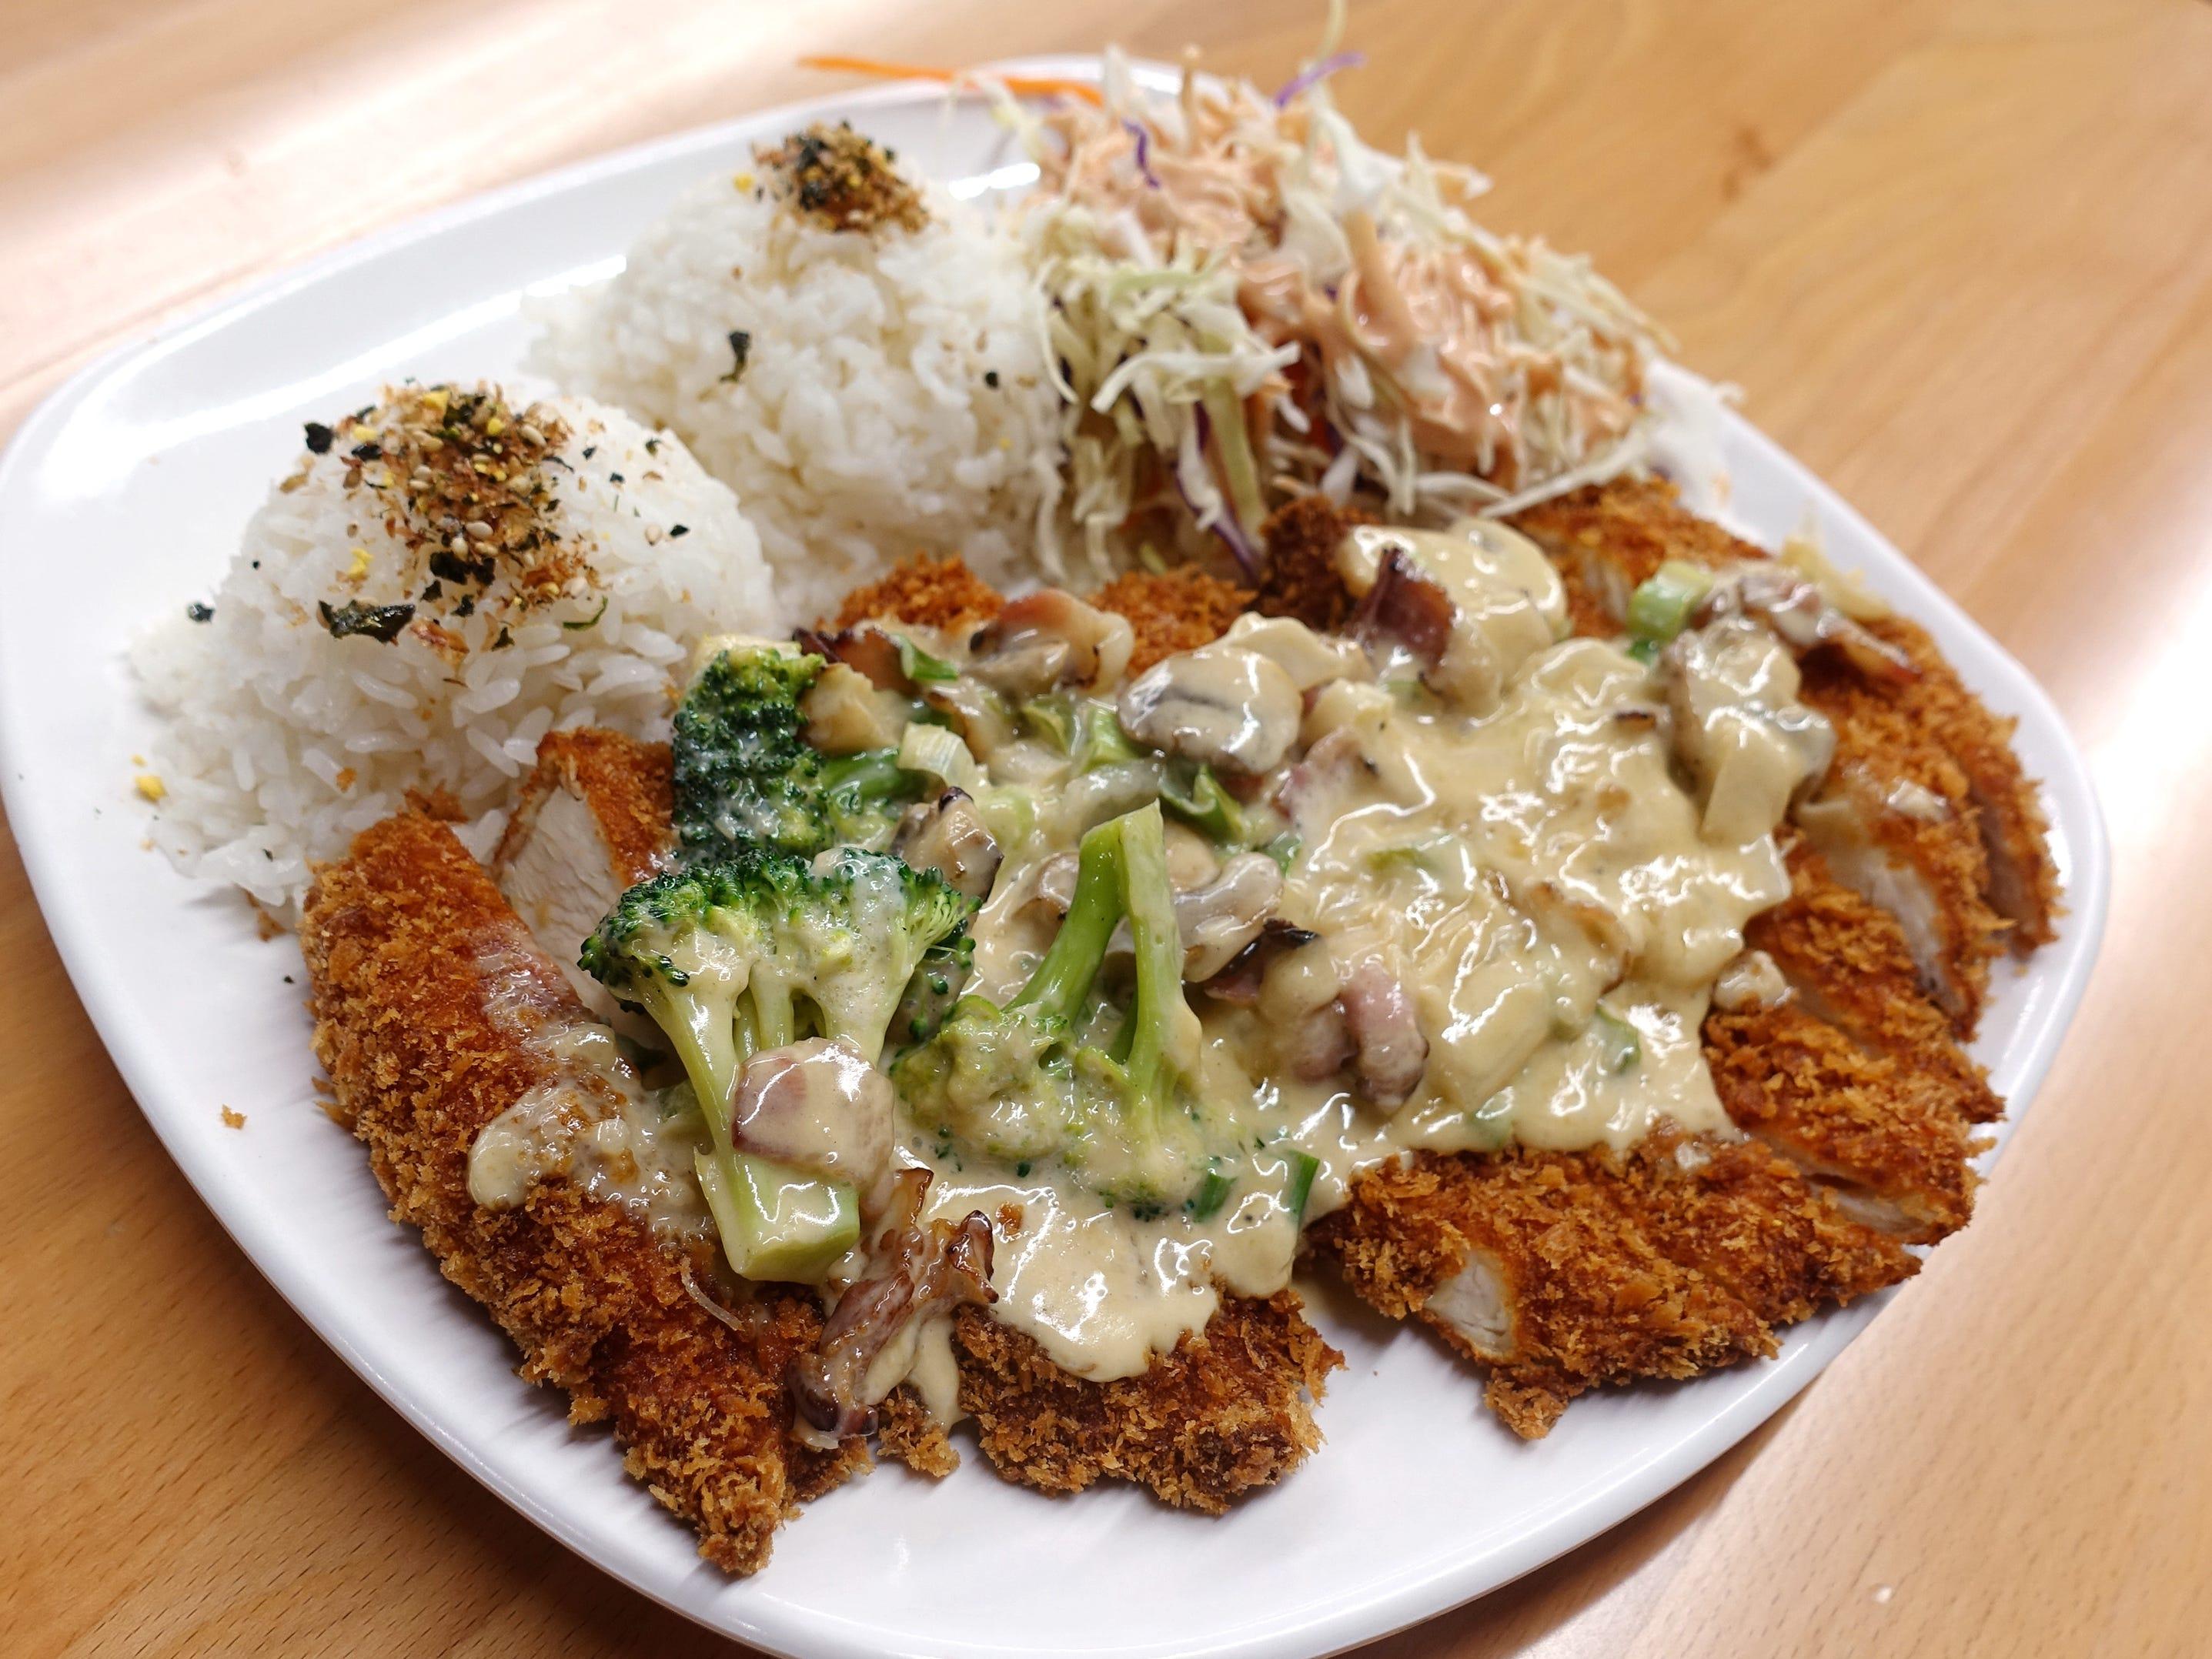 Chicken katsu with carbonara sauce at Katsu at Asiana Market in Mesa.